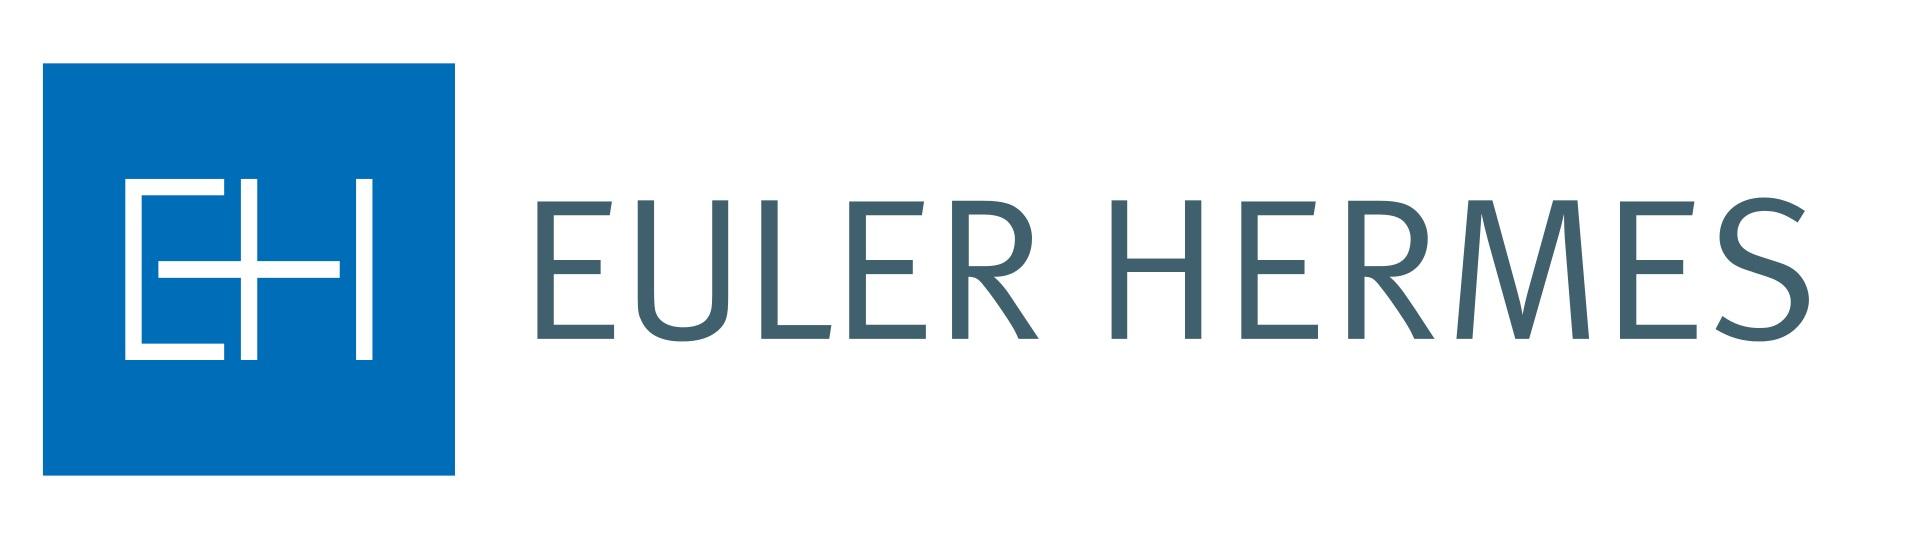 Euler Hermes.png